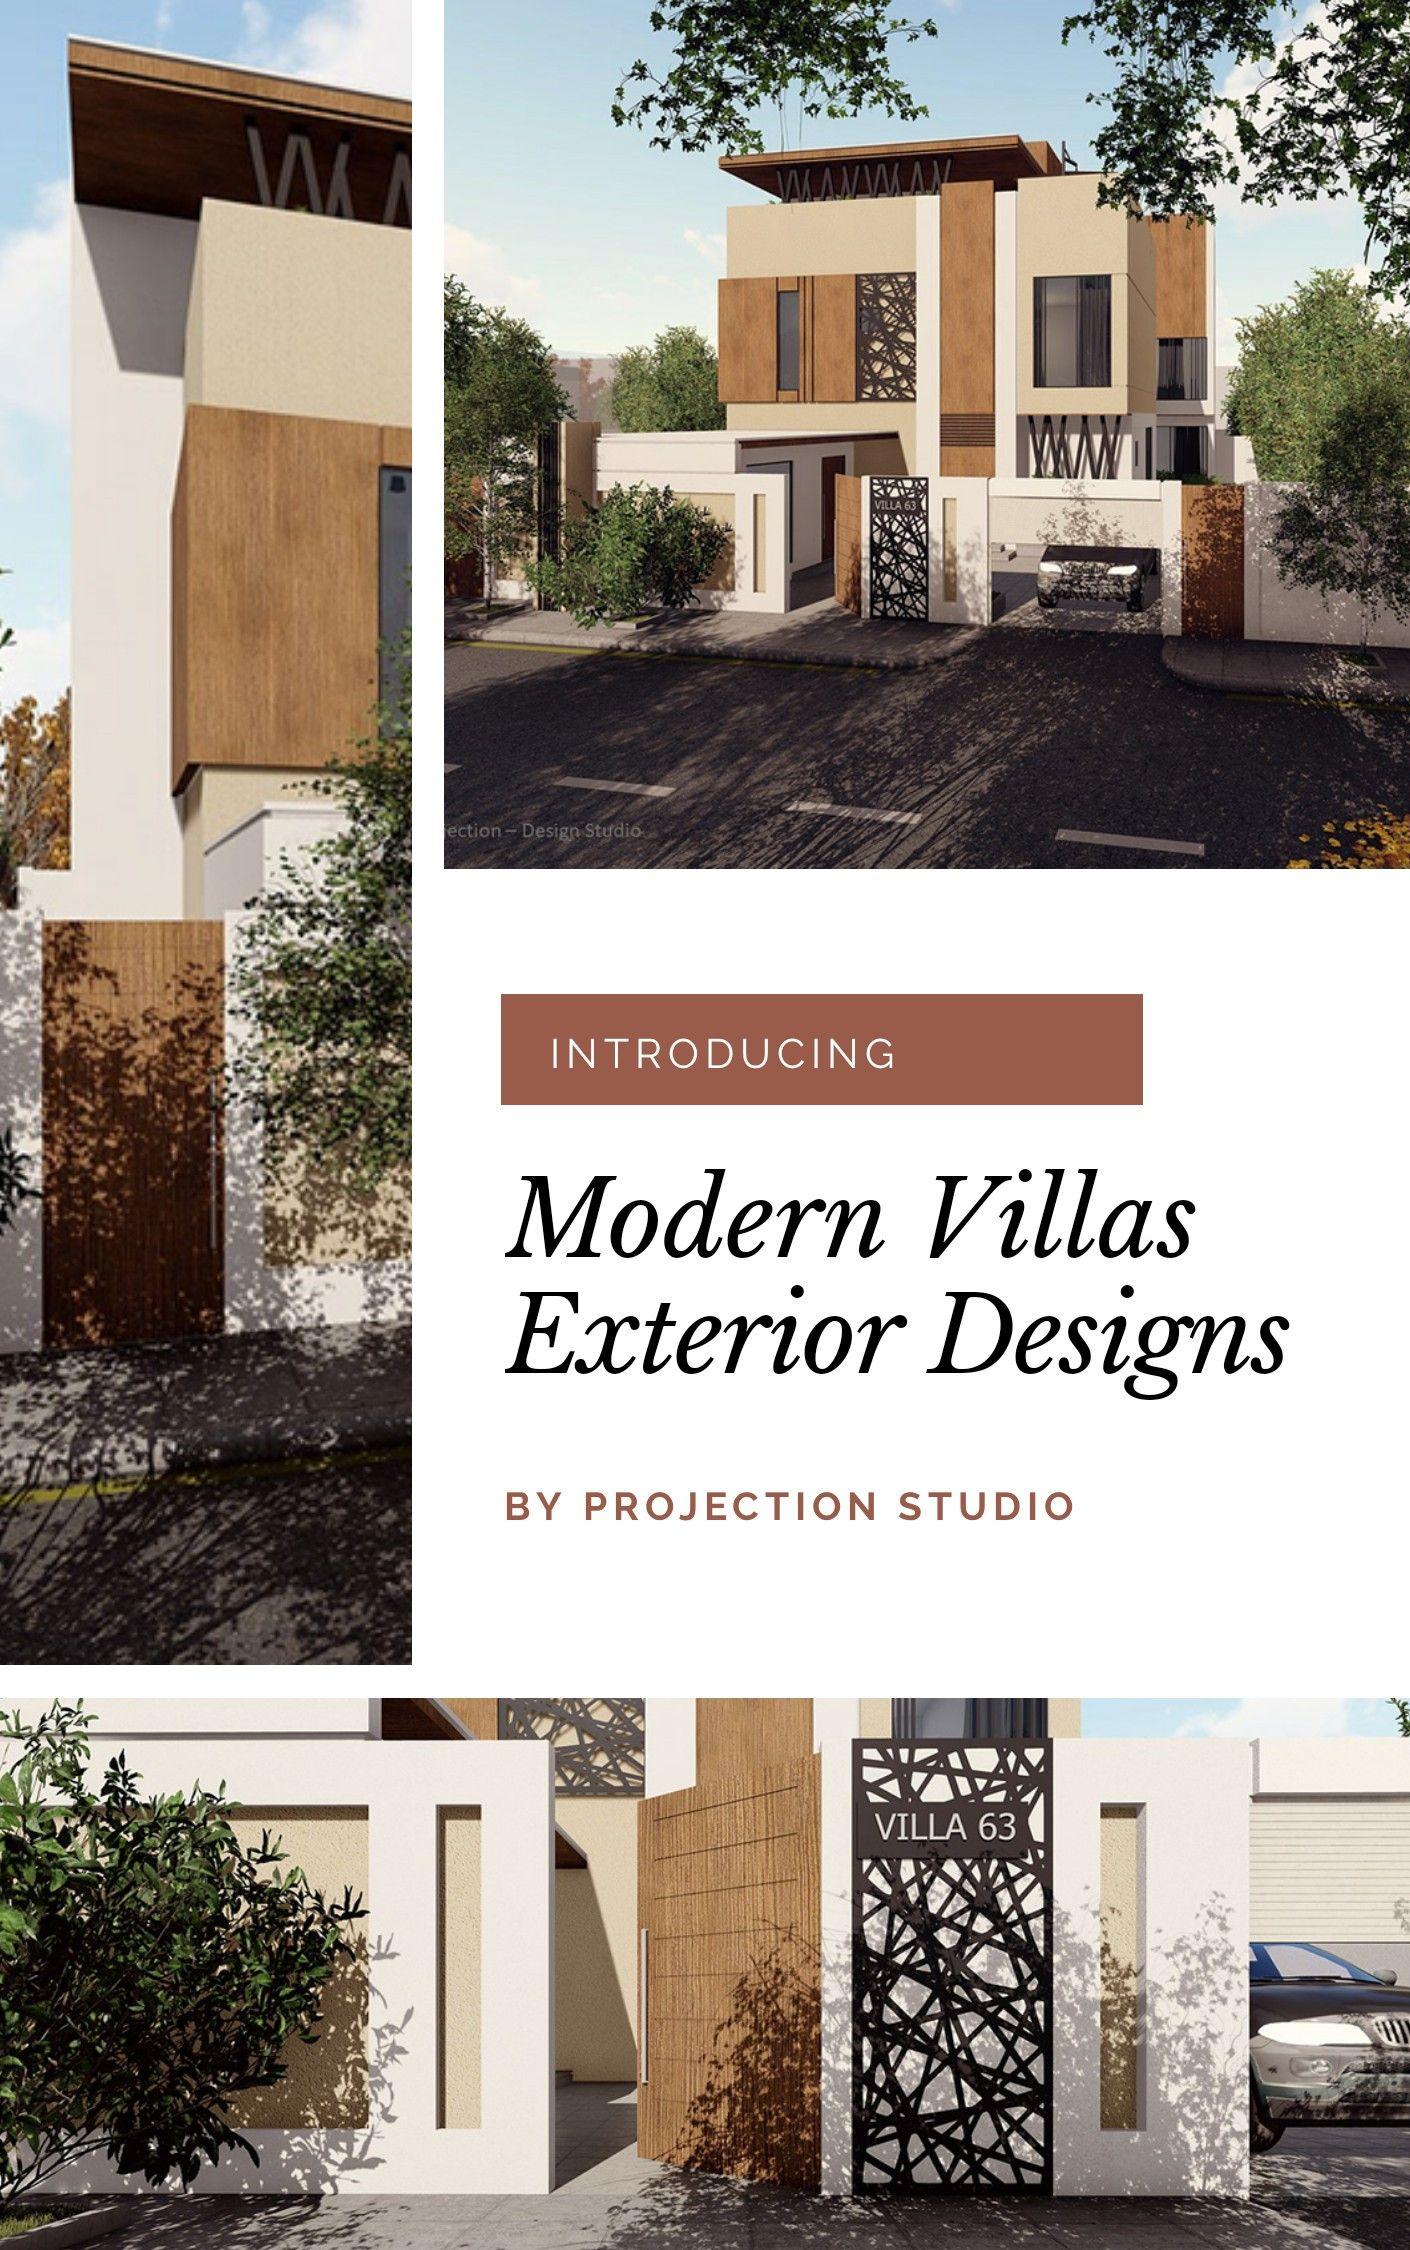 تصاميم فلل حديثة In 2020 Exterior Design Architecture Design Architecture